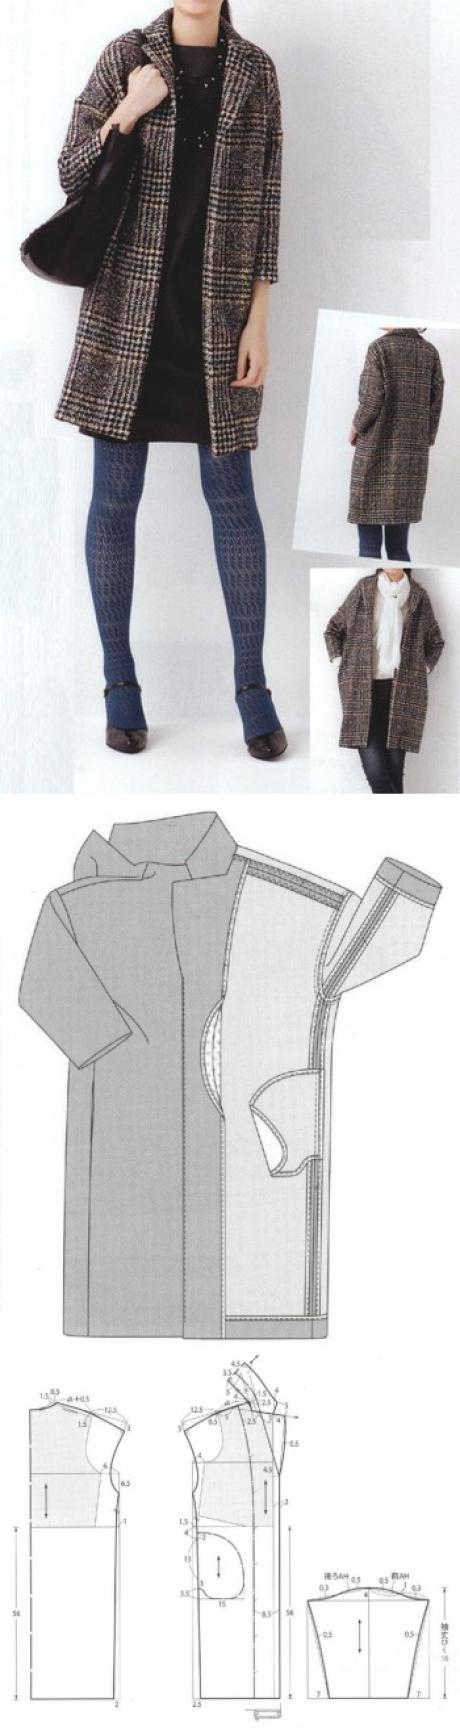 Los patrones simples | las cosas simples | Ideas para coser ...